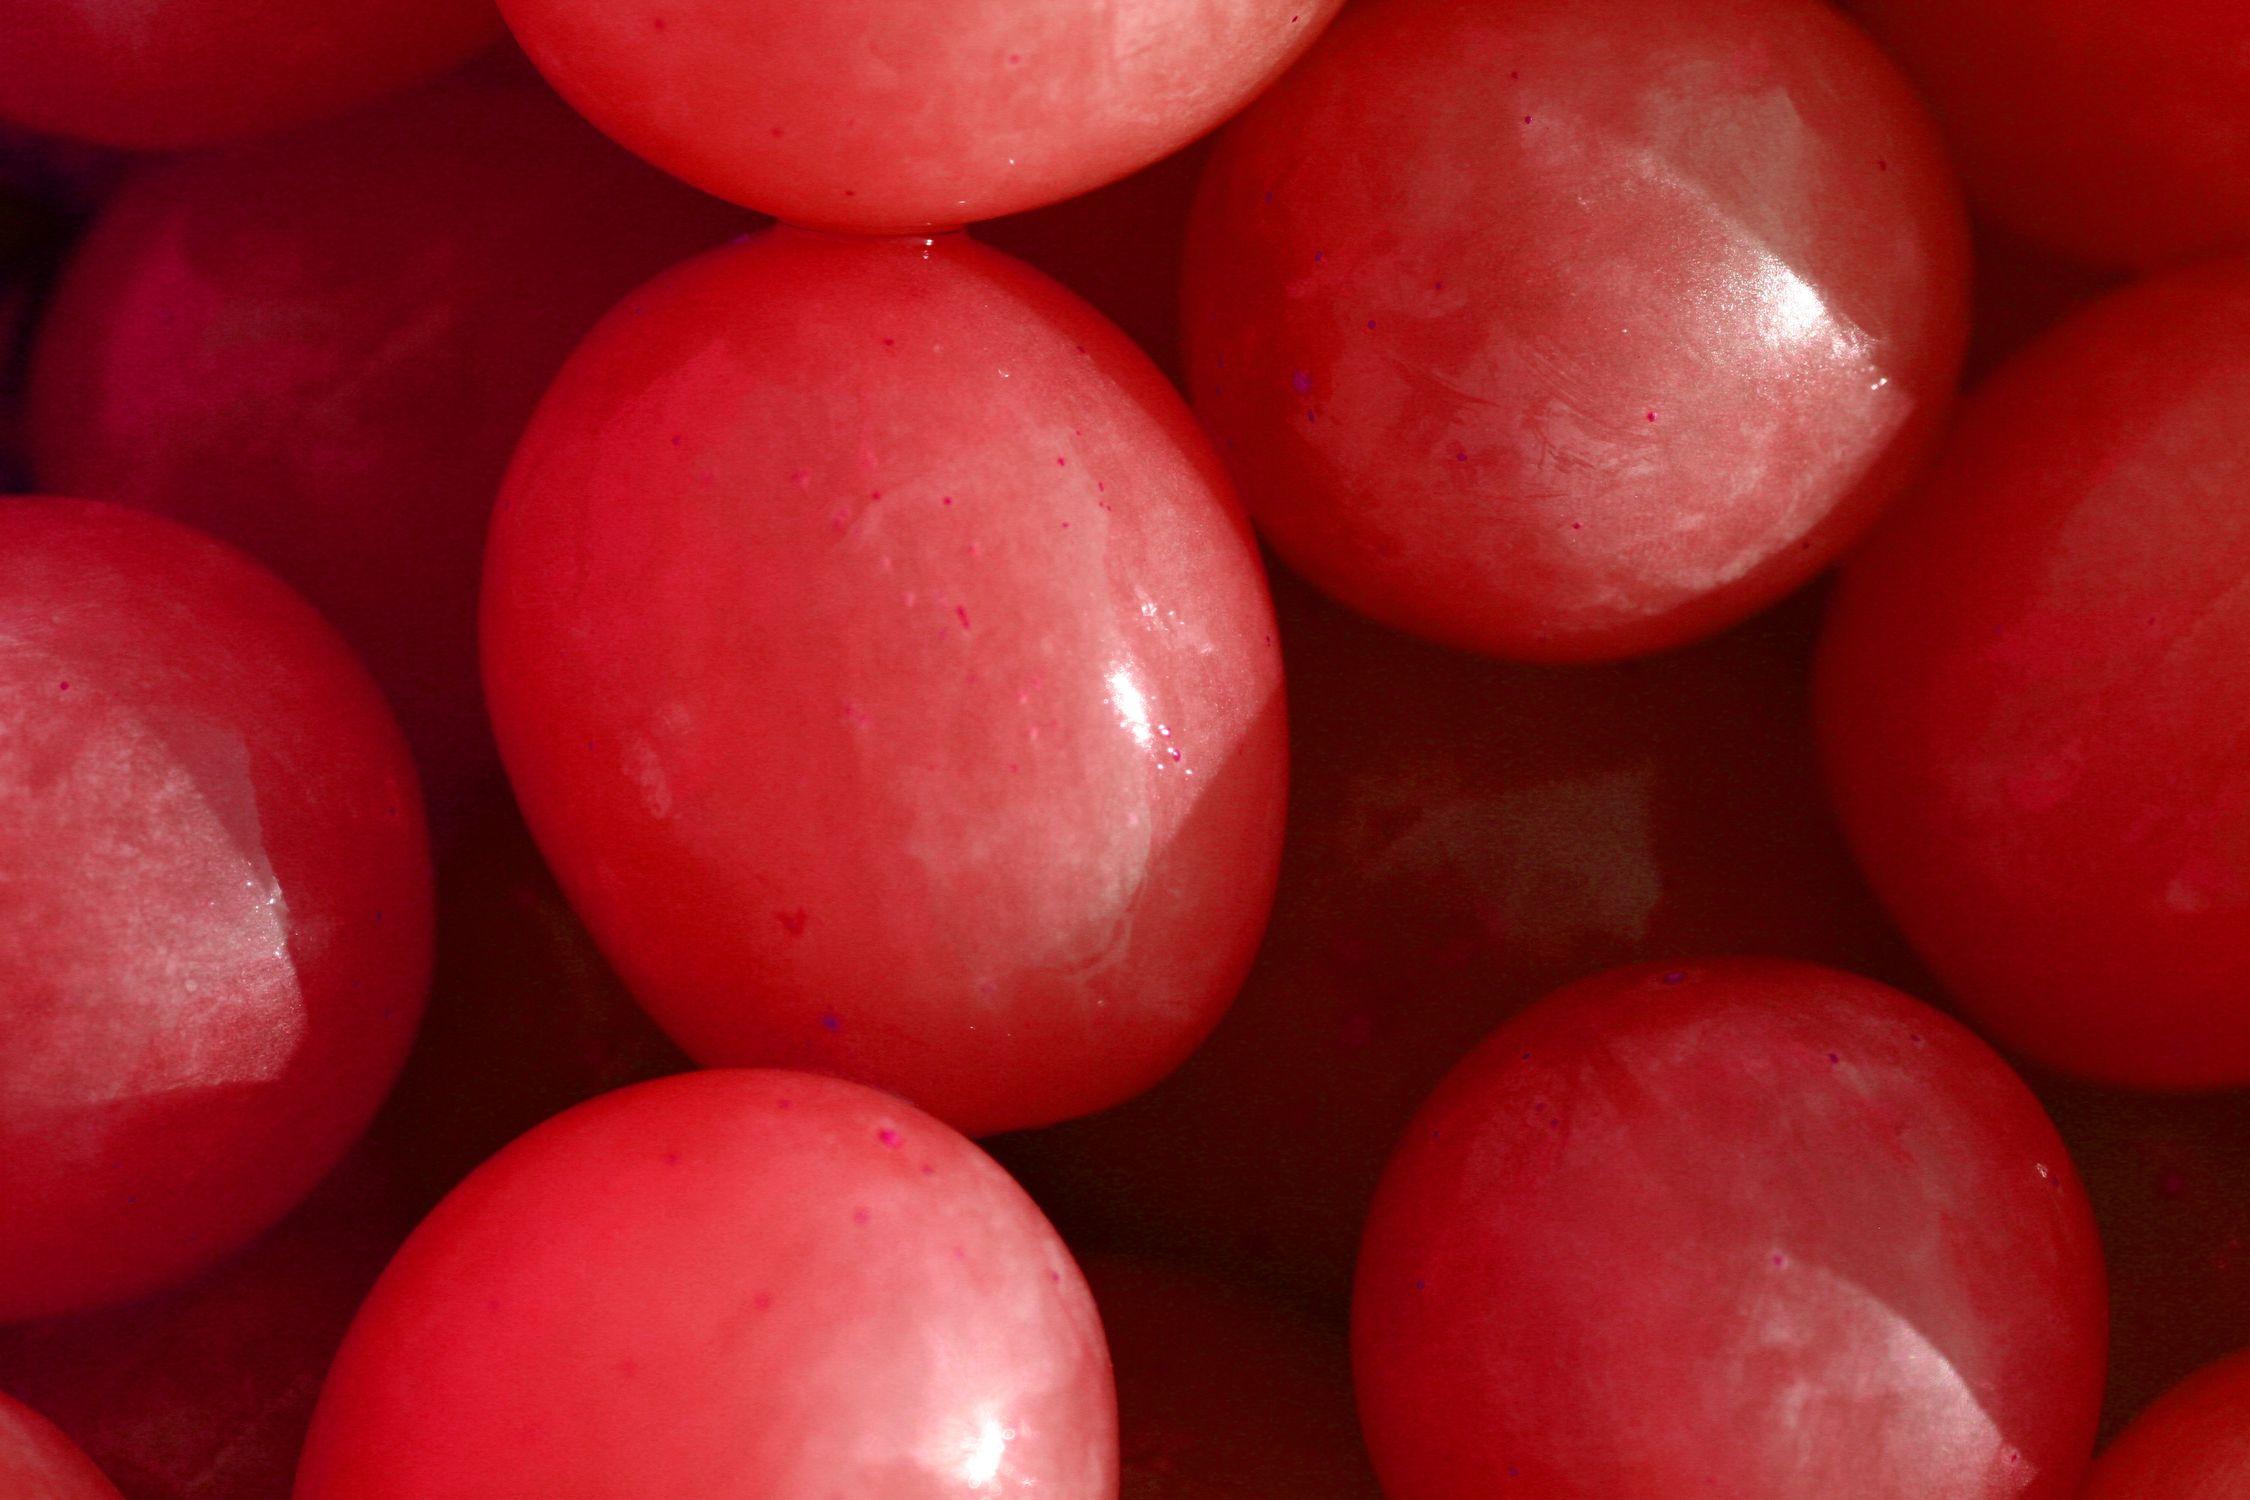 Bild mit Früchte, Lebensmittel, Essen, Rot, Trauben, Weinreben, Weintraube, Weintrauben, Traube, Weinbeere, Weinbeeren, Küchenbilder, KITCHEN, Küche